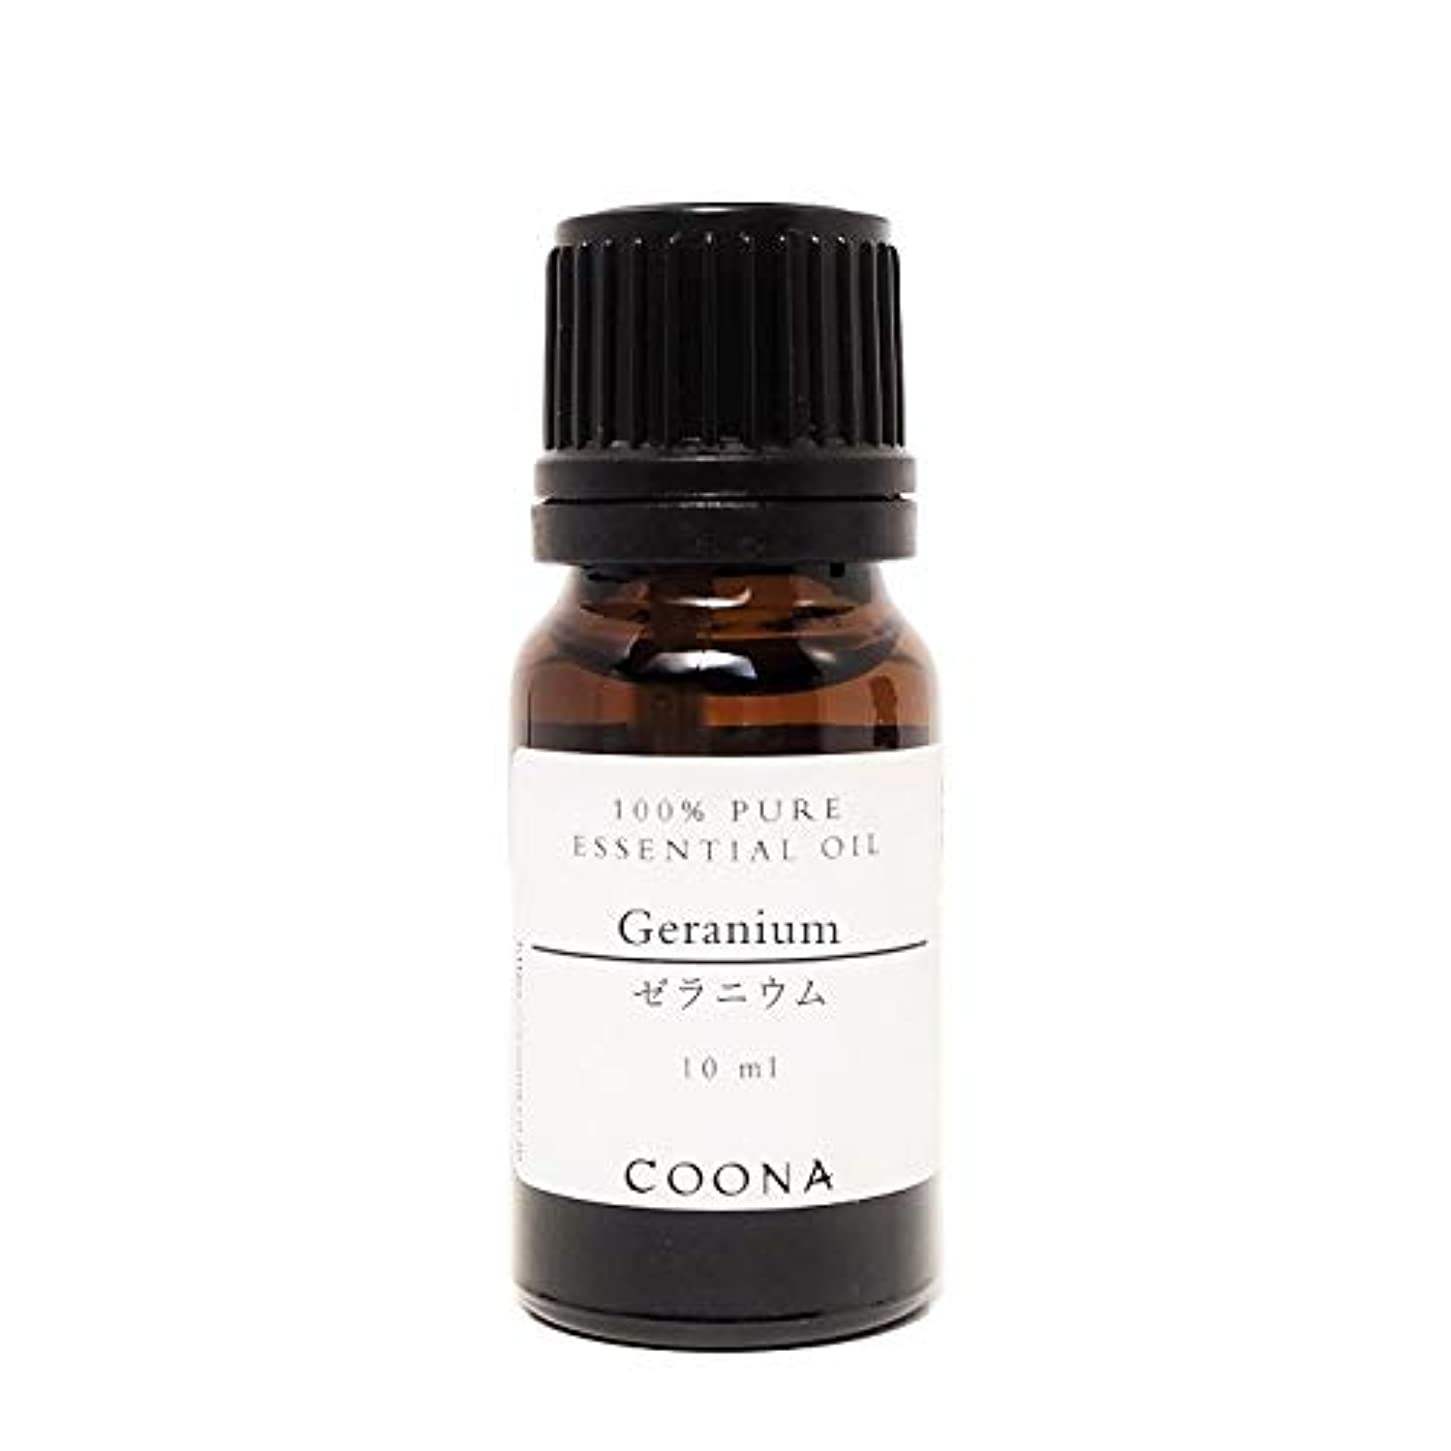 軽蔑恐ろしい文明ゼラニウム 10 ml (COONA エッセンシャルオイル アロマオイル 100%天然植物精油)